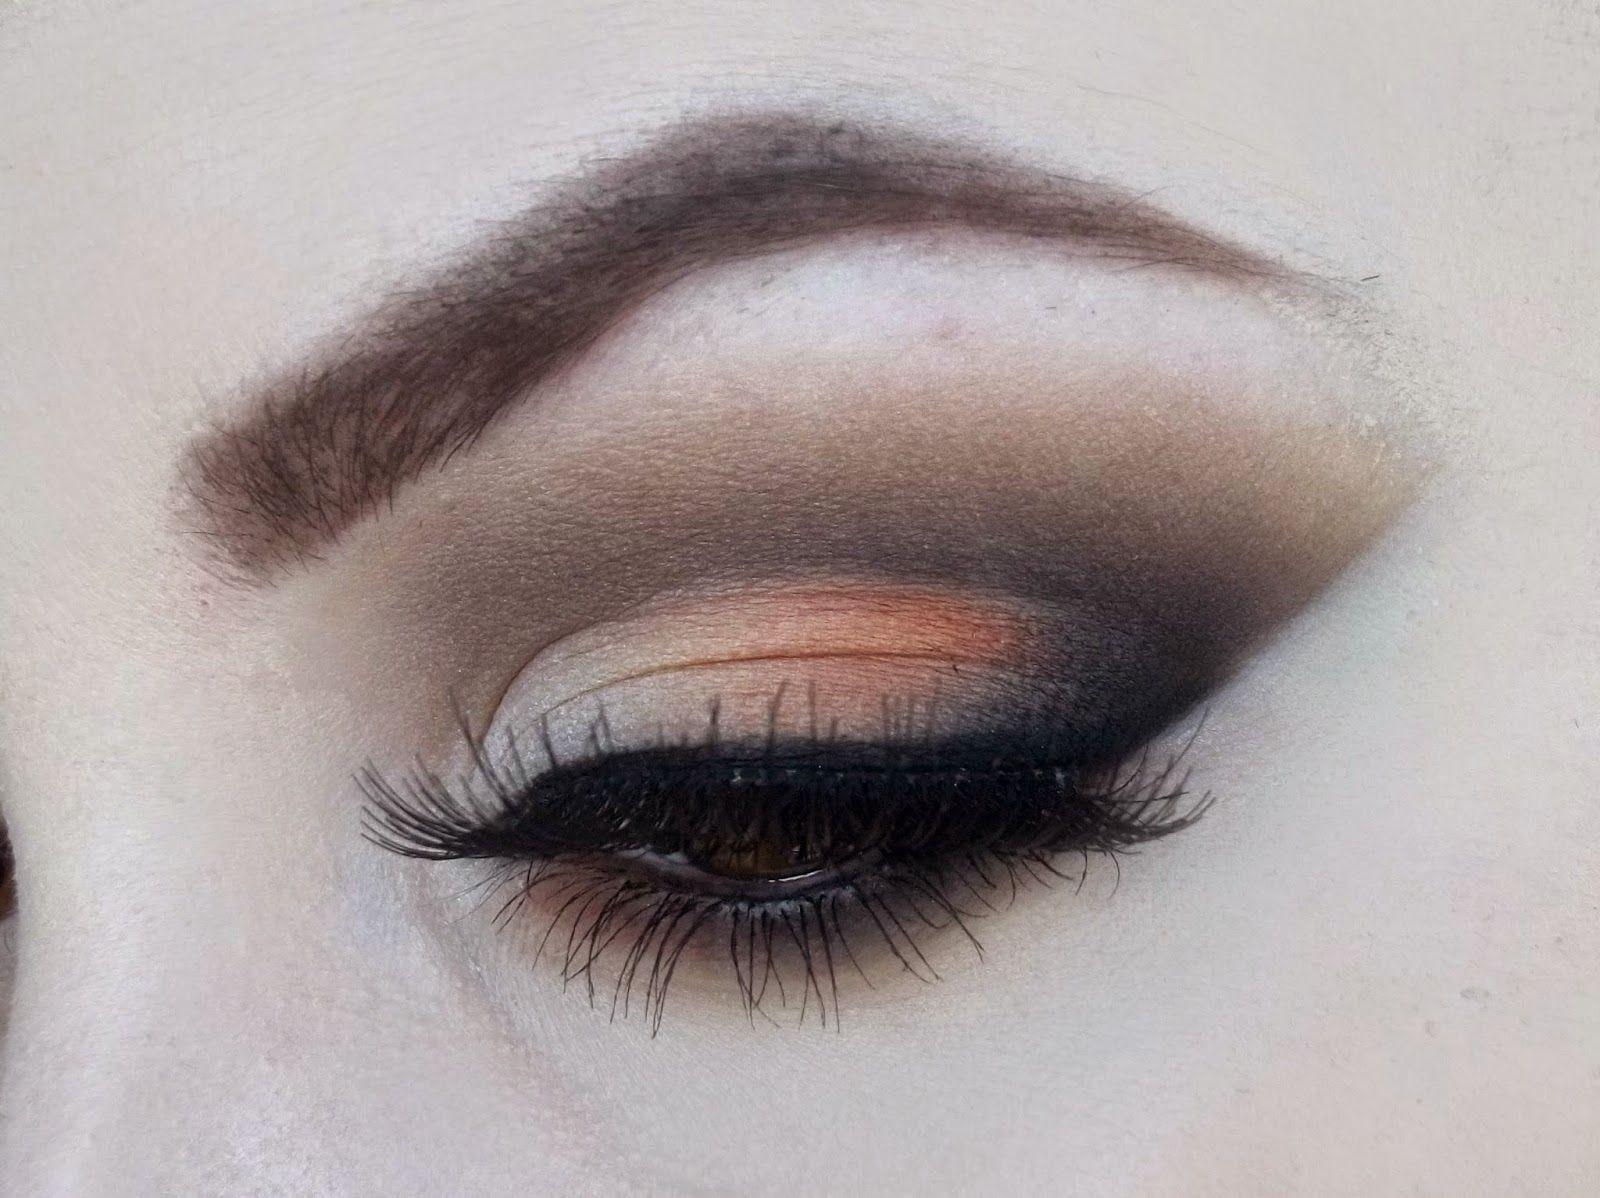 Pin By Ramona Dascalu On Make Up Makeup Eyes Human Eye